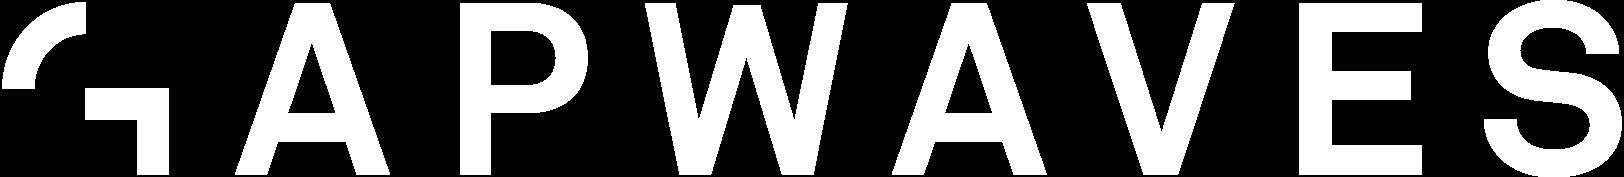 Gapwaves_logo_WHITE_RGB.png